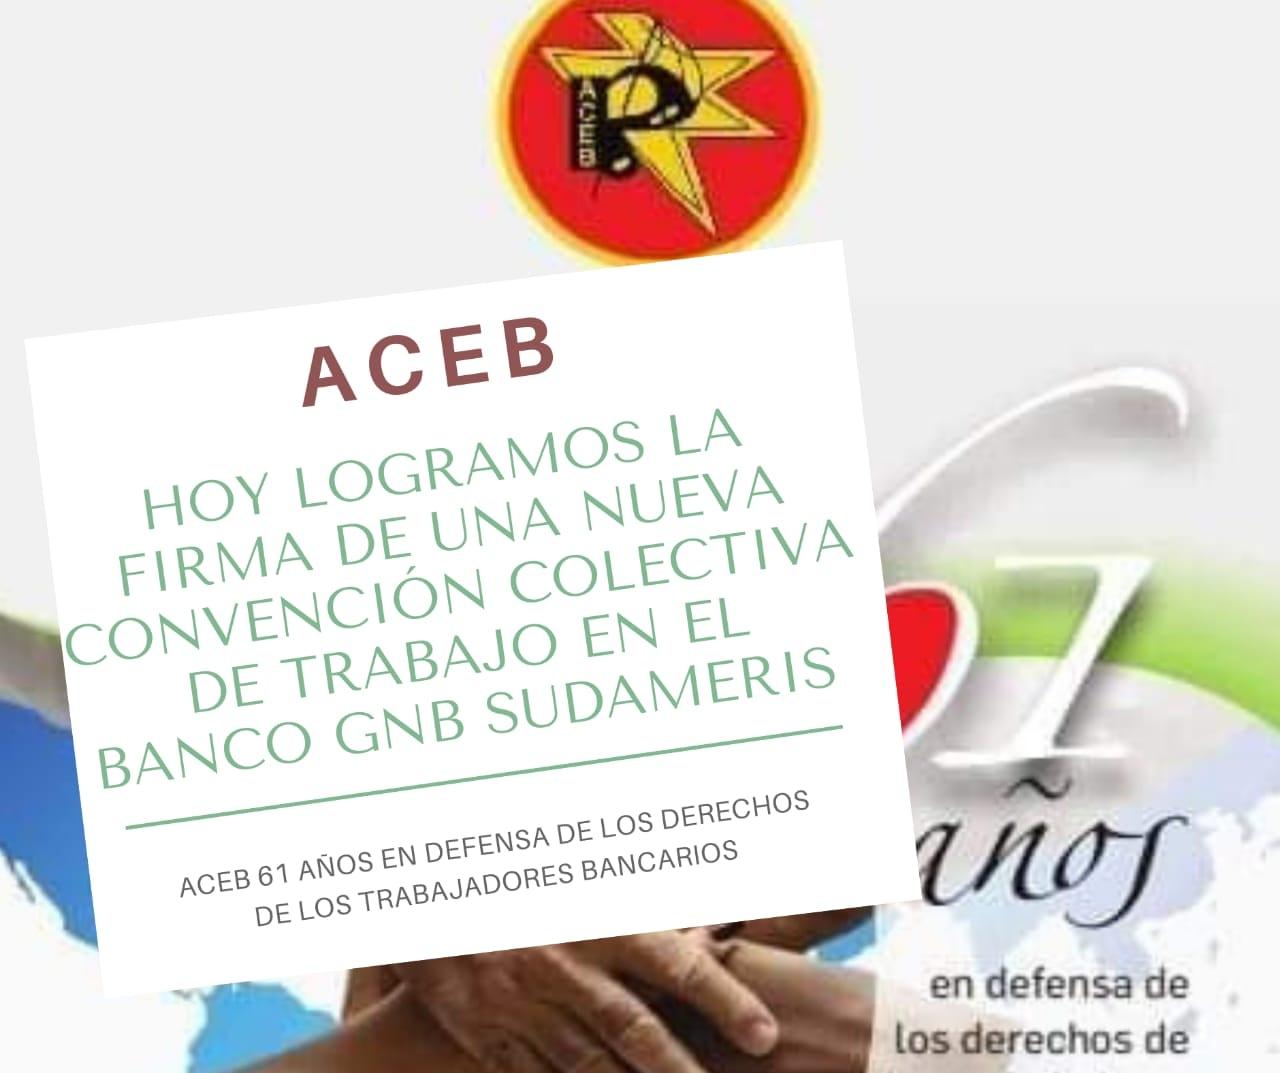 Firmada nueva Convenciòn Colectiva de Trabajo  en el Banco GNB Sudameris